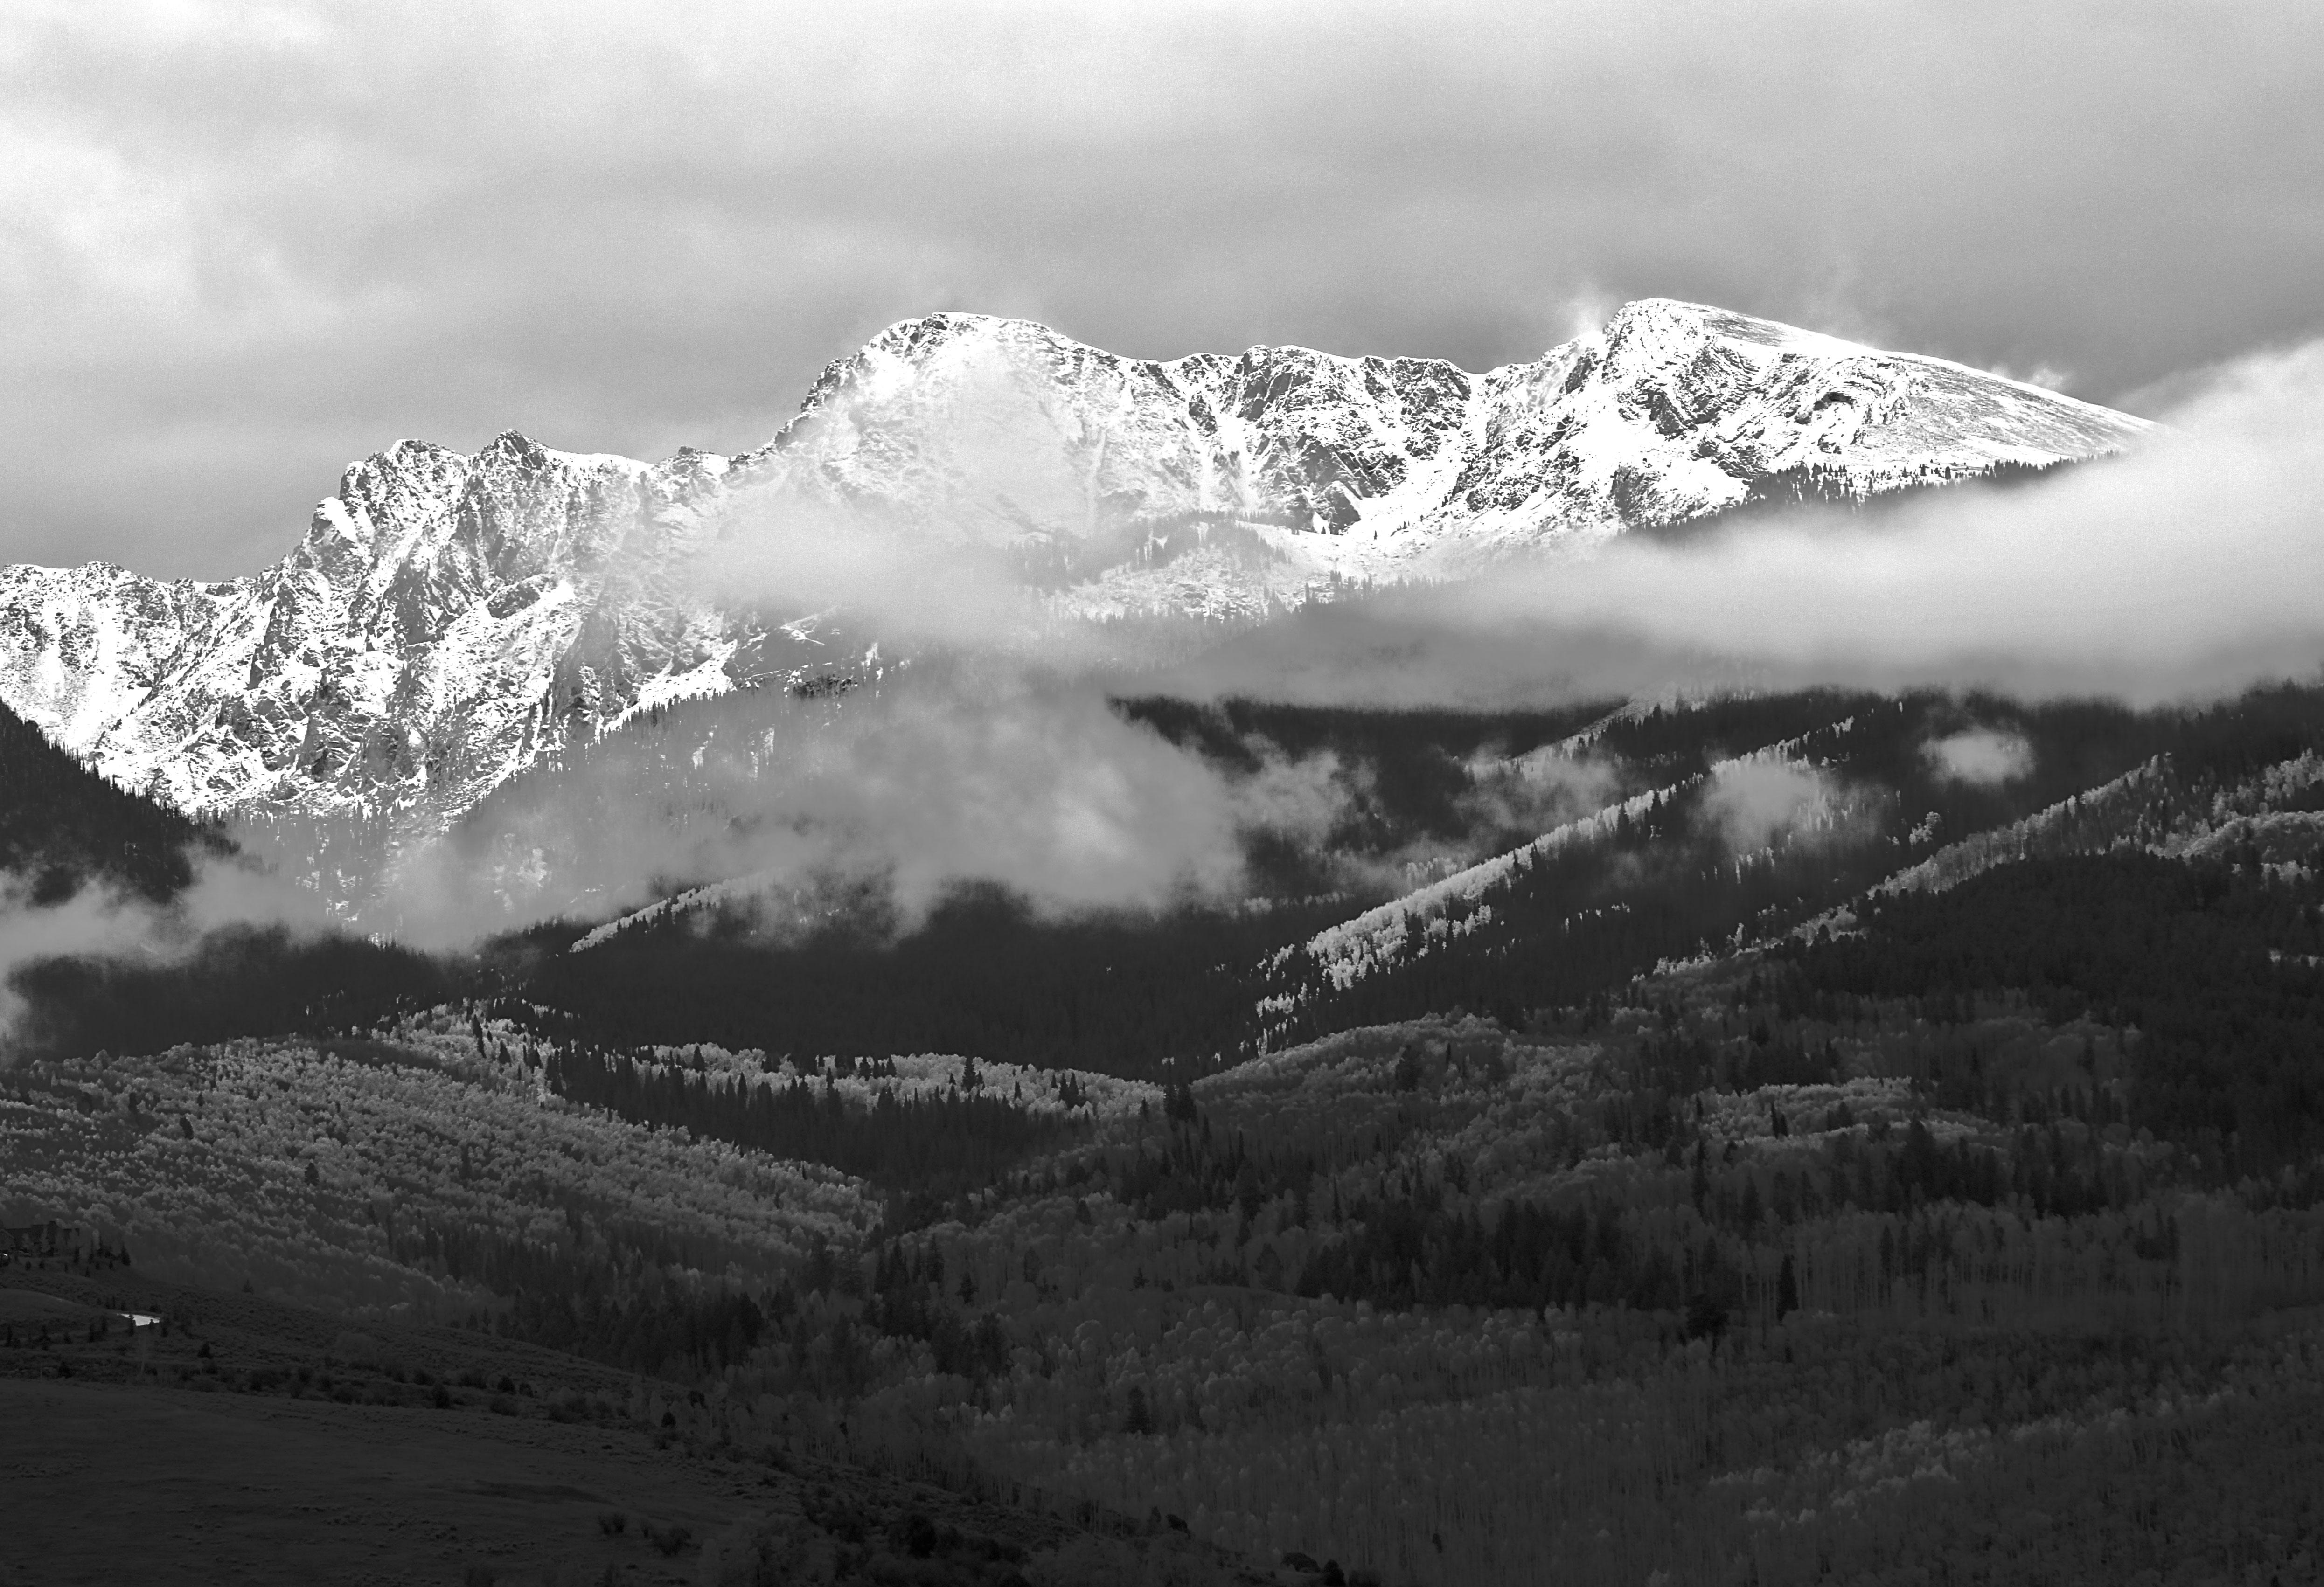 как-то удалось уральские горы картинки черно белые текстуре различают кремовые